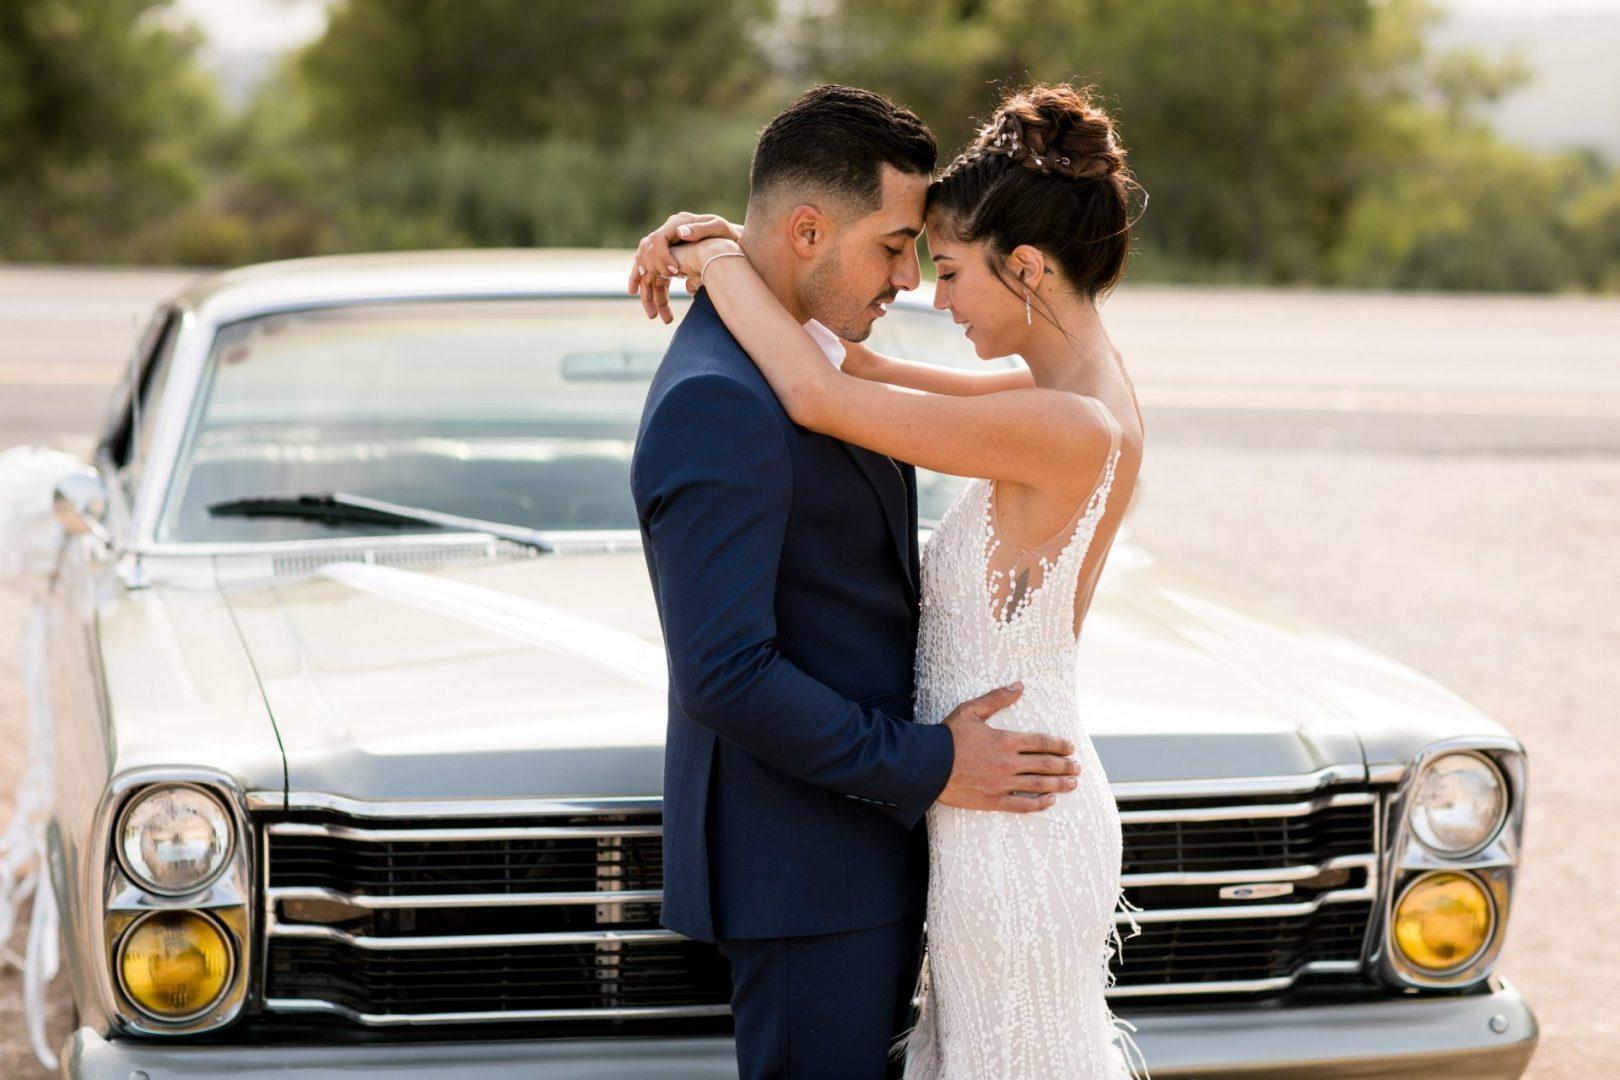 צילום חתונות בצפון: לוקיישנים מהממים שאתם חייבים להכיר